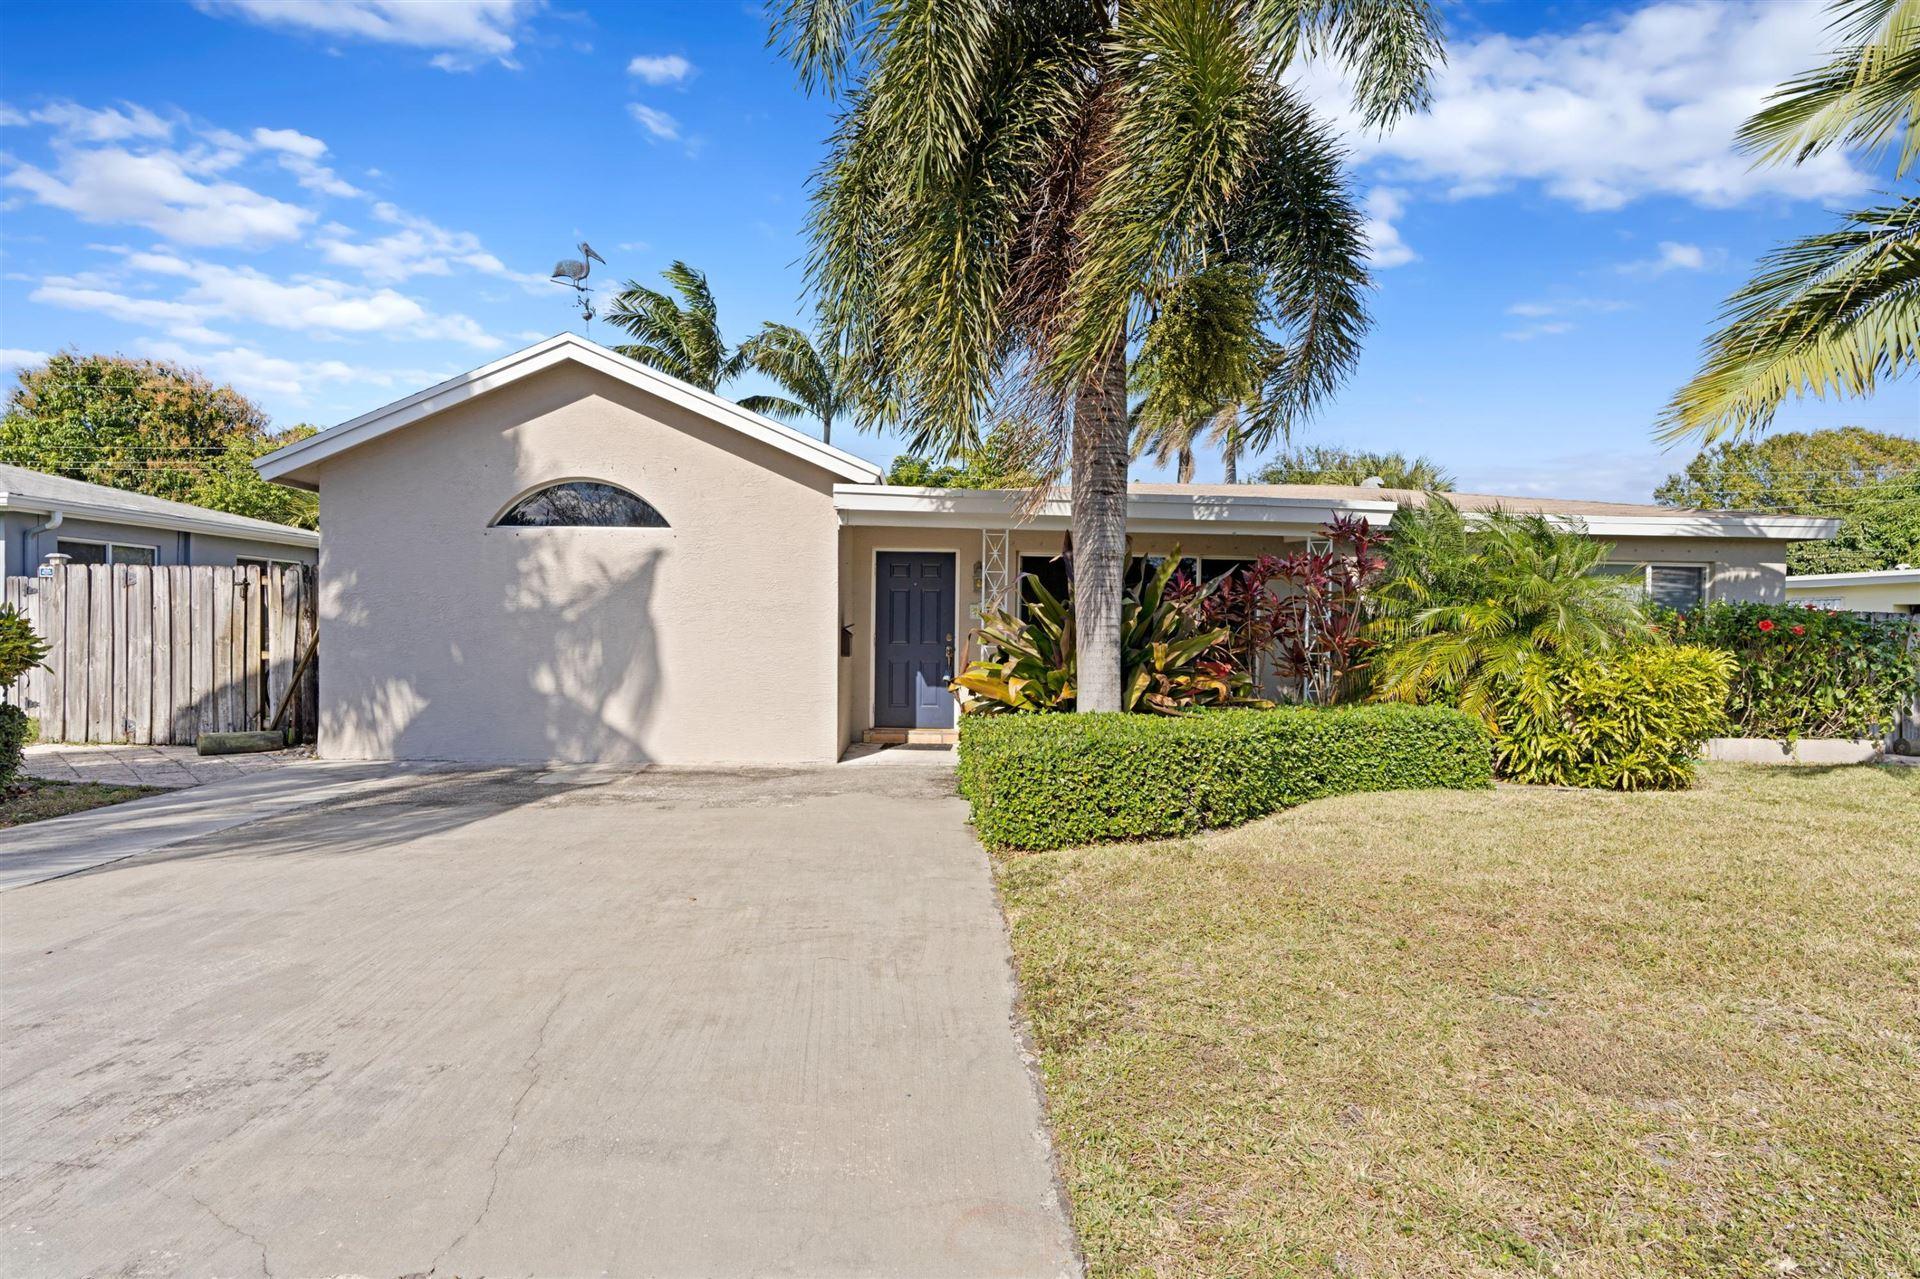 471 NE 28th Road, Boca Raton, FL 33431 - #: RX-10684452